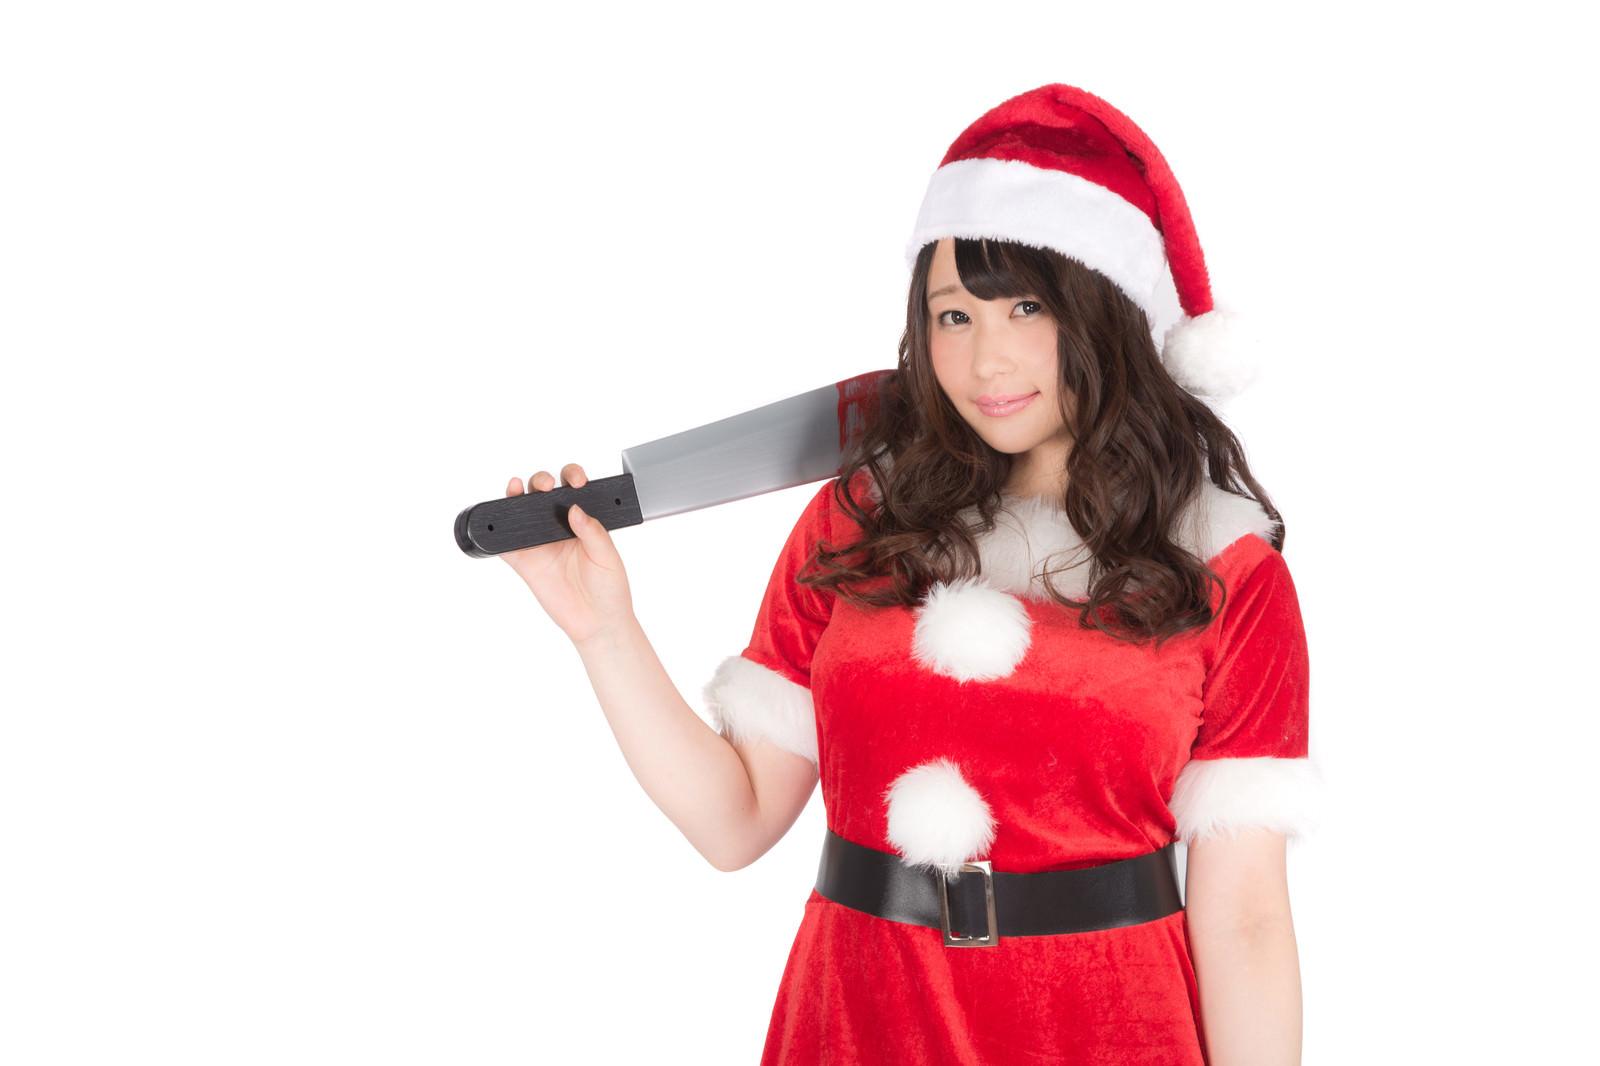 「ようこそ血のクリスマスへ(ハニートラップ)ようこそ血のクリスマスへ(ハニートラップ)」[モデル:茜さや]のフリー写真素材を拡大